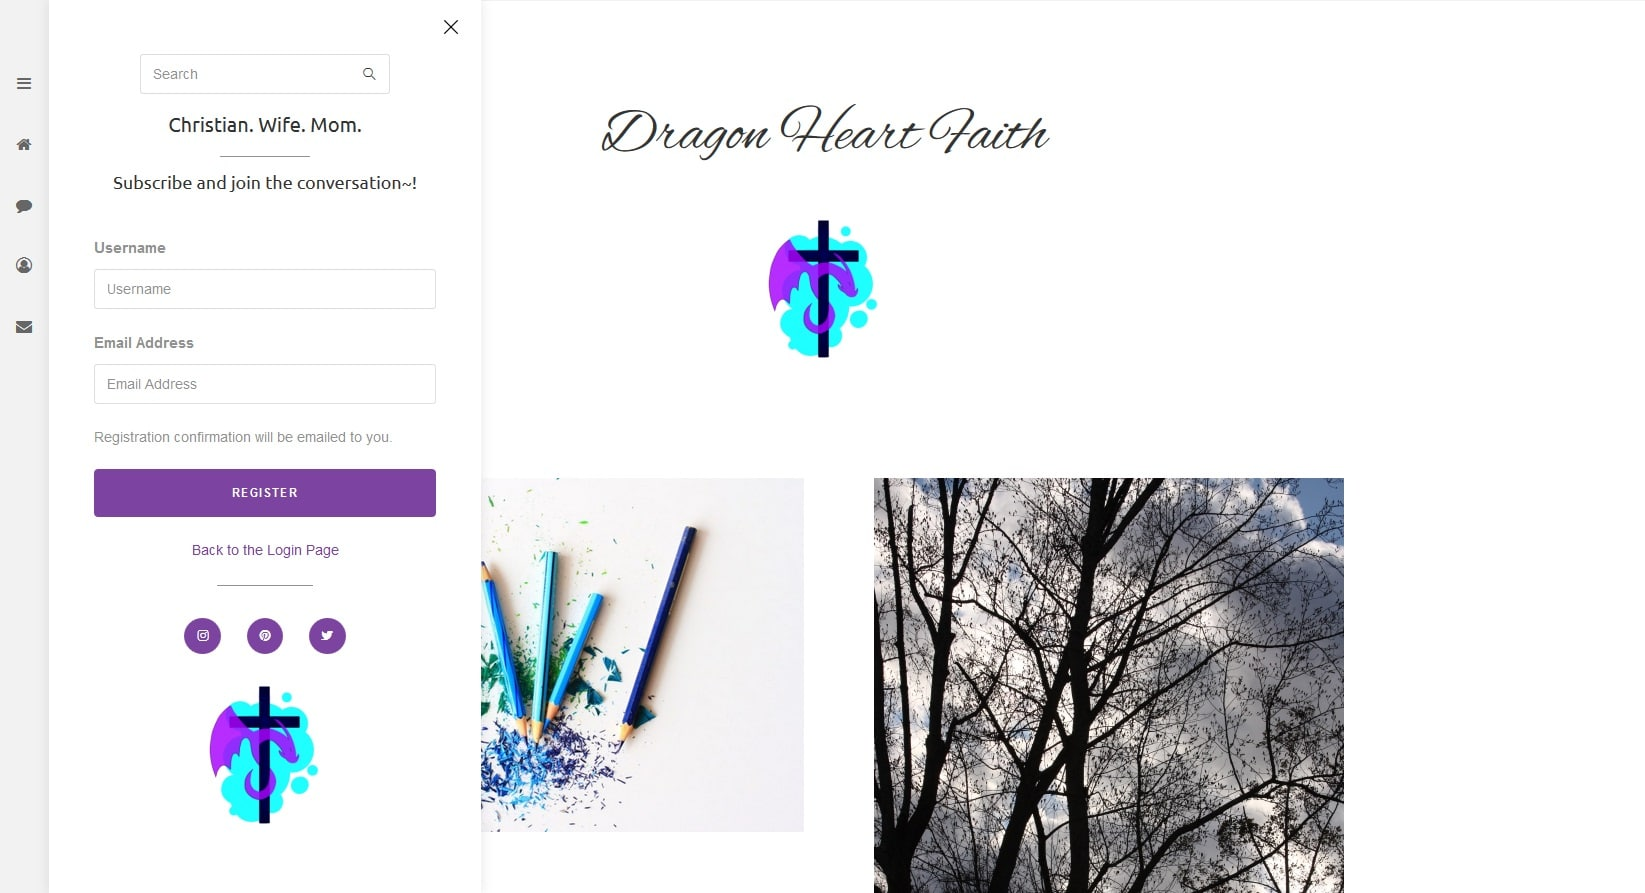 Dragon Heart Faith